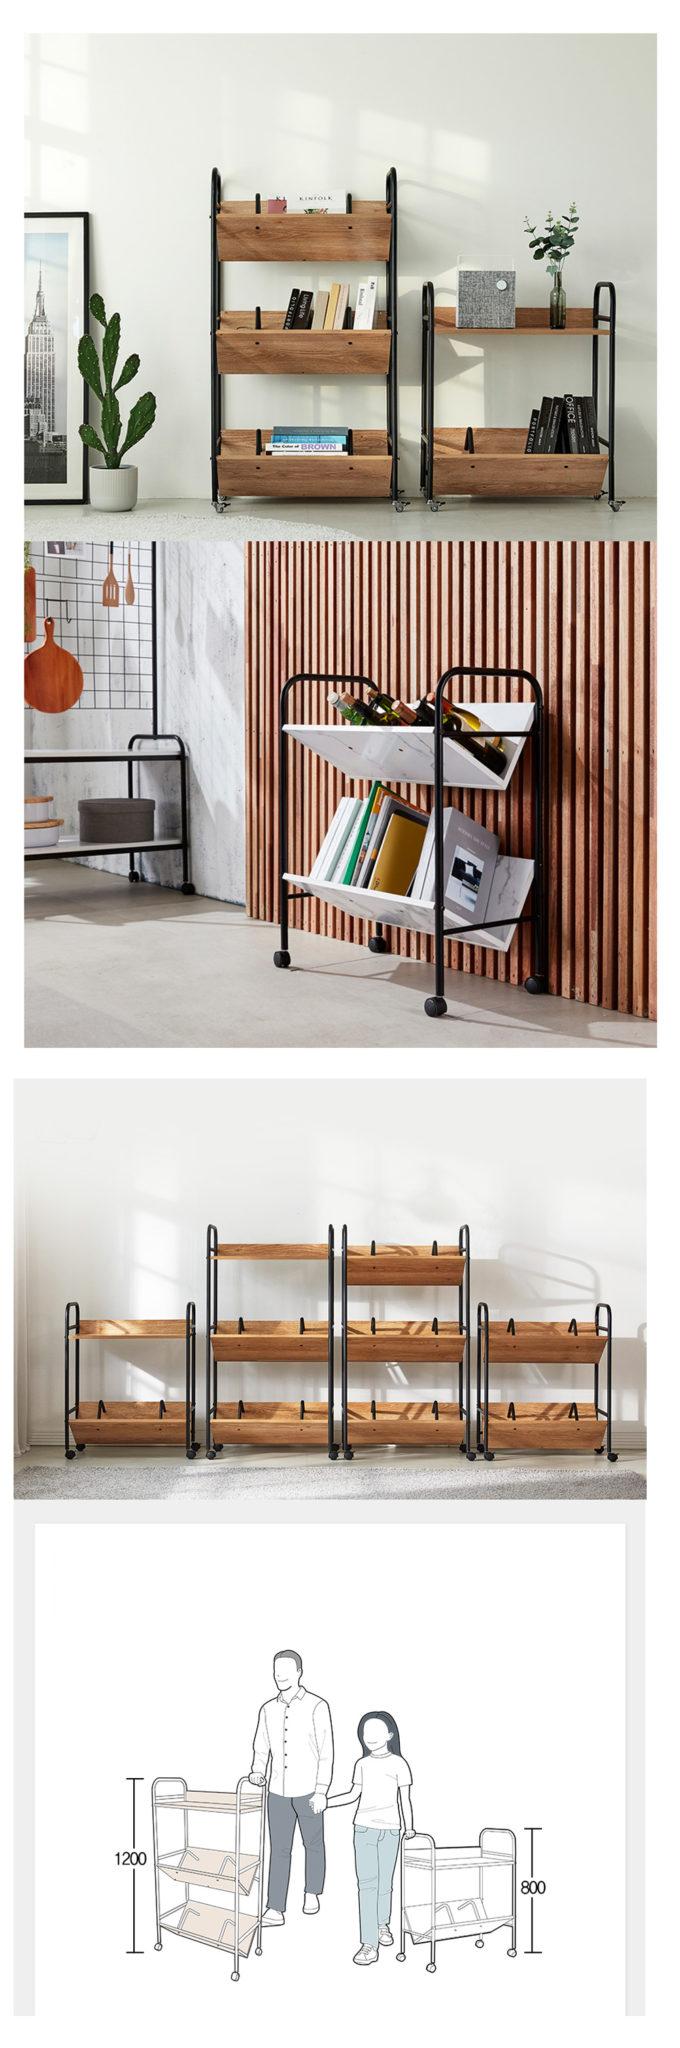 Có thiết kế thêm bánh lăn dễ dàng di chuyển trong không gian của bạn.